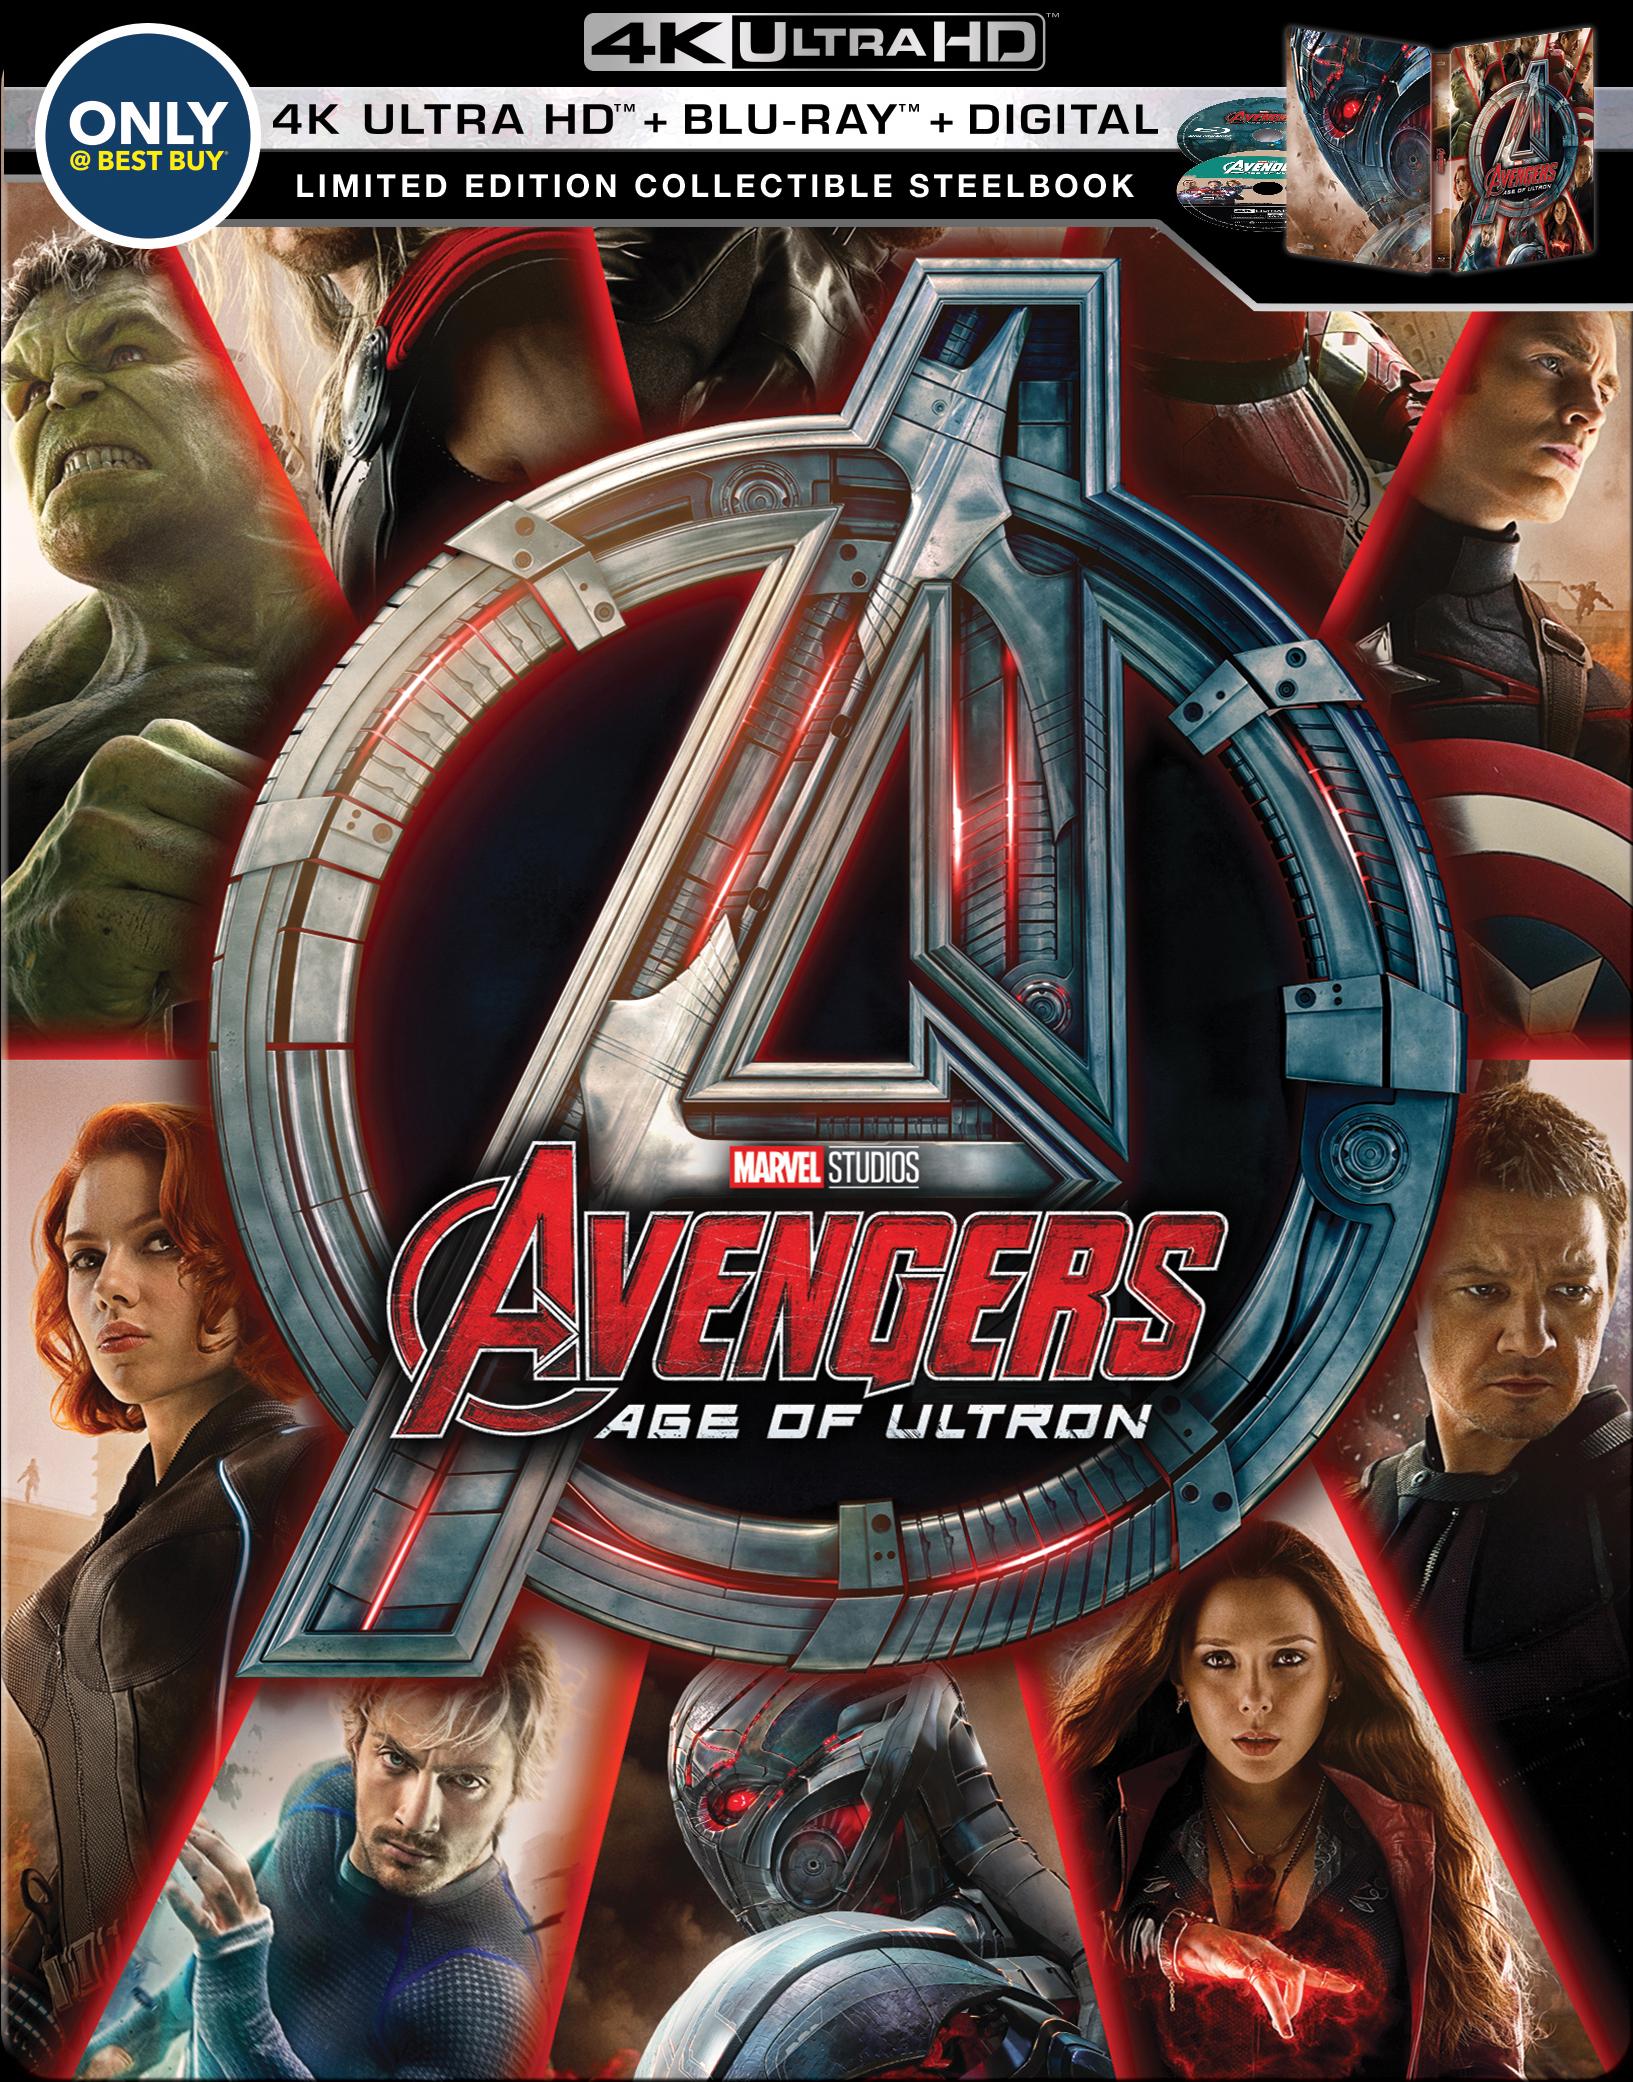 Avengers: Age of Ultron 4K (SteelBook)(2015) Ultra HD Blu-ray